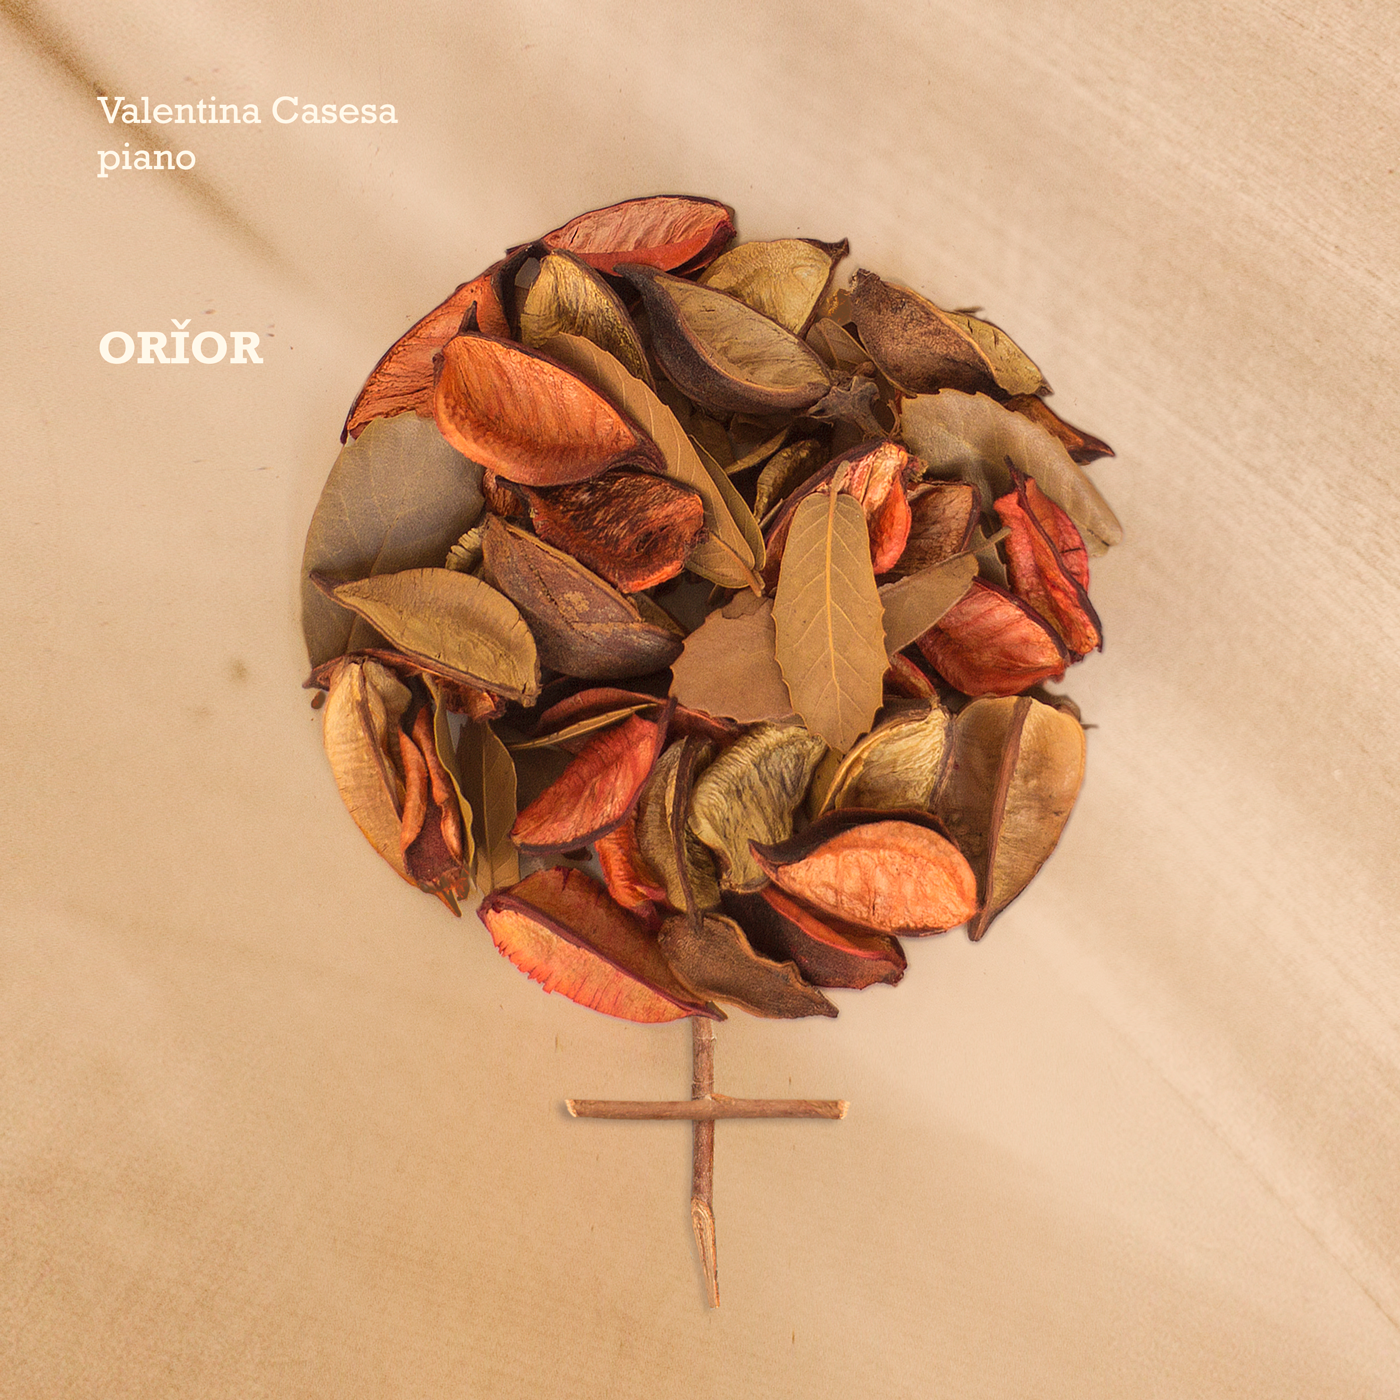 Valentina Casesa - pianist, composer | Orior | album cover